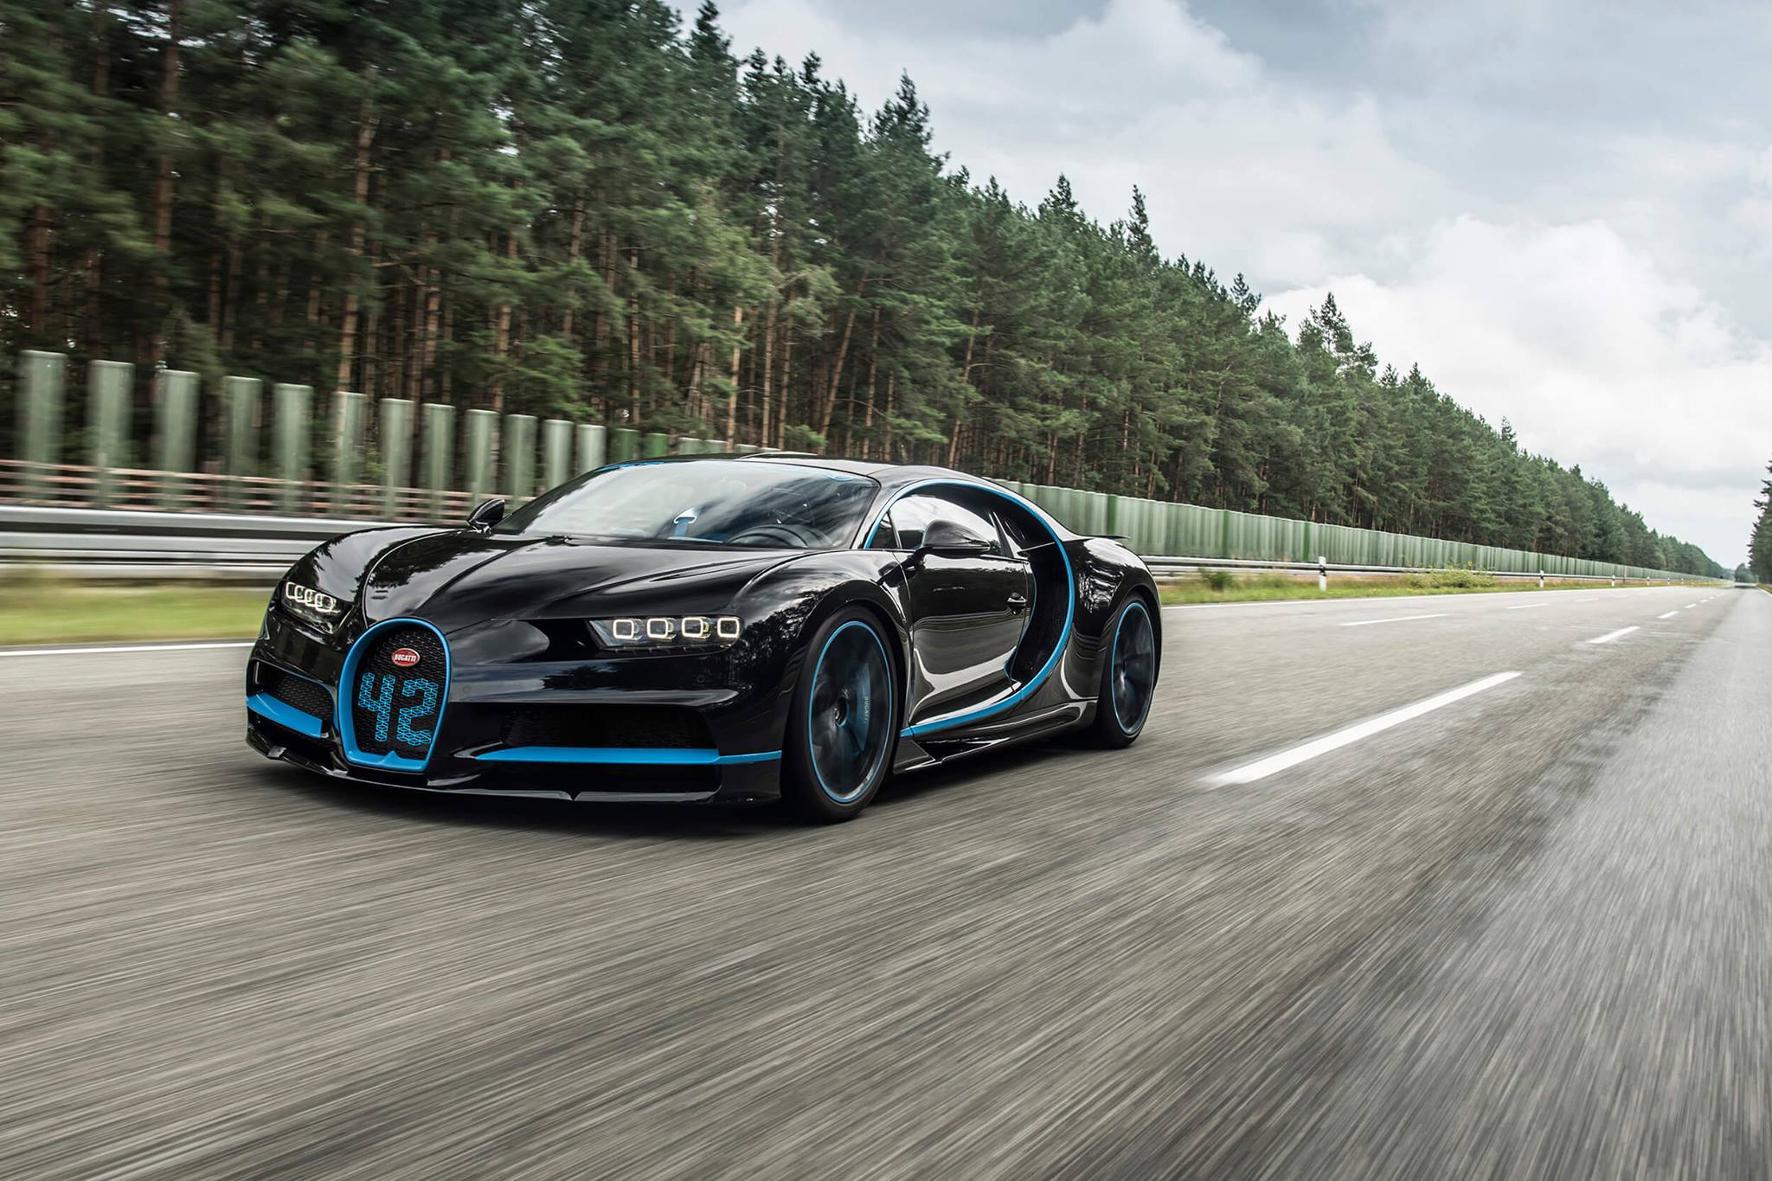 mid Groß-Gerau - 1.500 PS stark und über 400 Kilometer pro Stunde schnell ist der Bugatti Chiron. Um ihn zu stoppen, braucht es eine große Bremsanlage. Bugatti